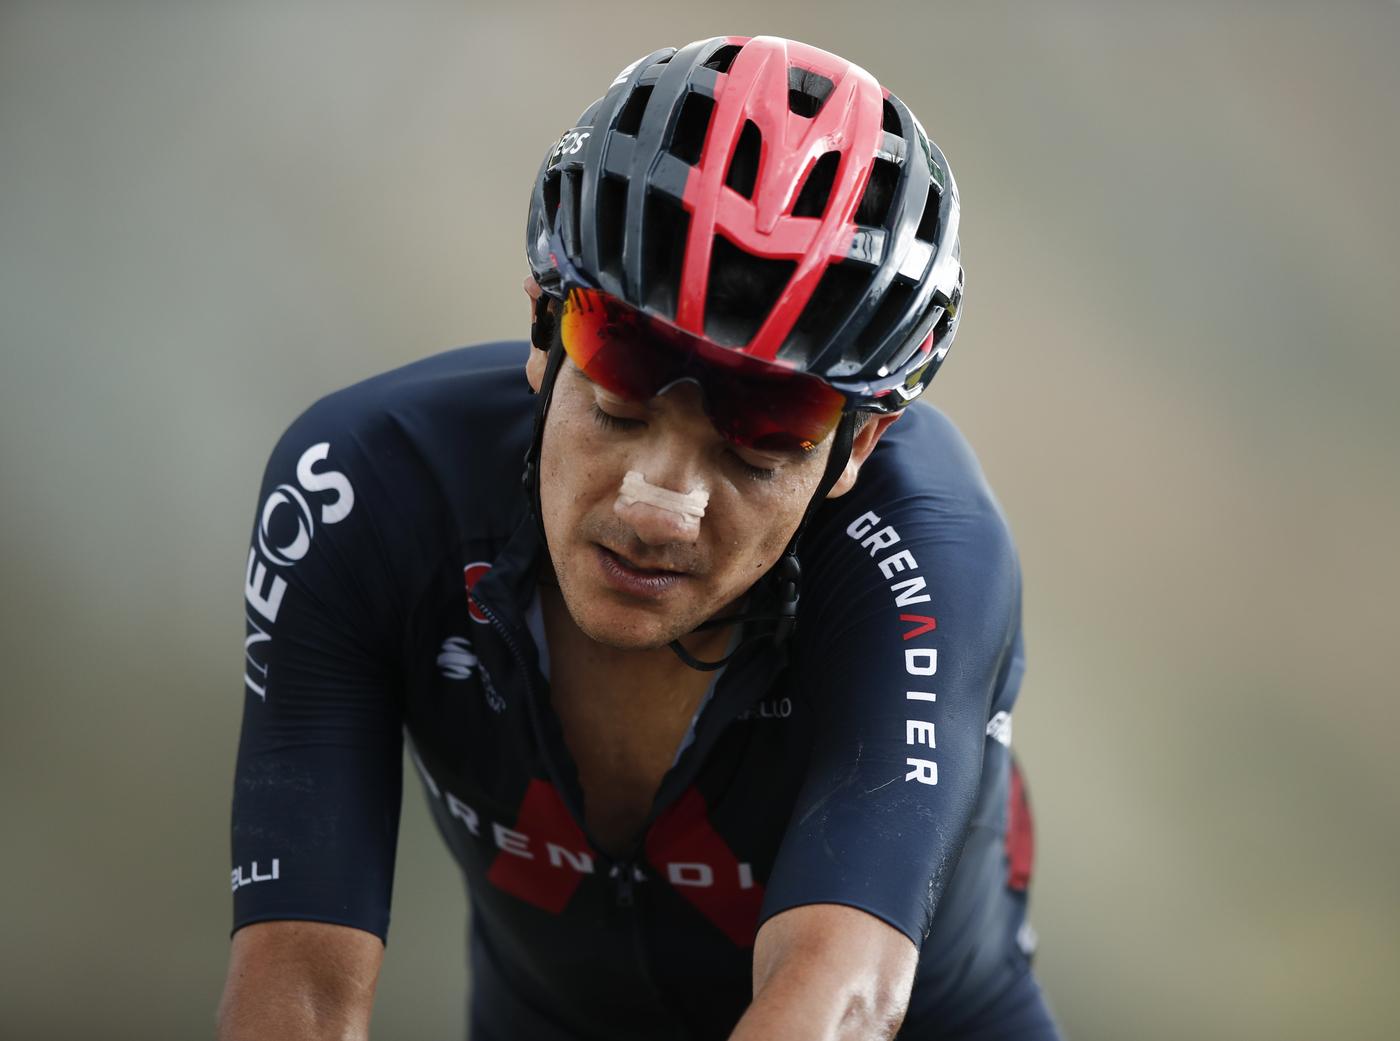 Vuelta a España 2020: il borsino dei favoriti dopo la prima settimana. La Ineos continua a sognare con Carapaz, mentre Roglic non può permettersi un'altra beffa